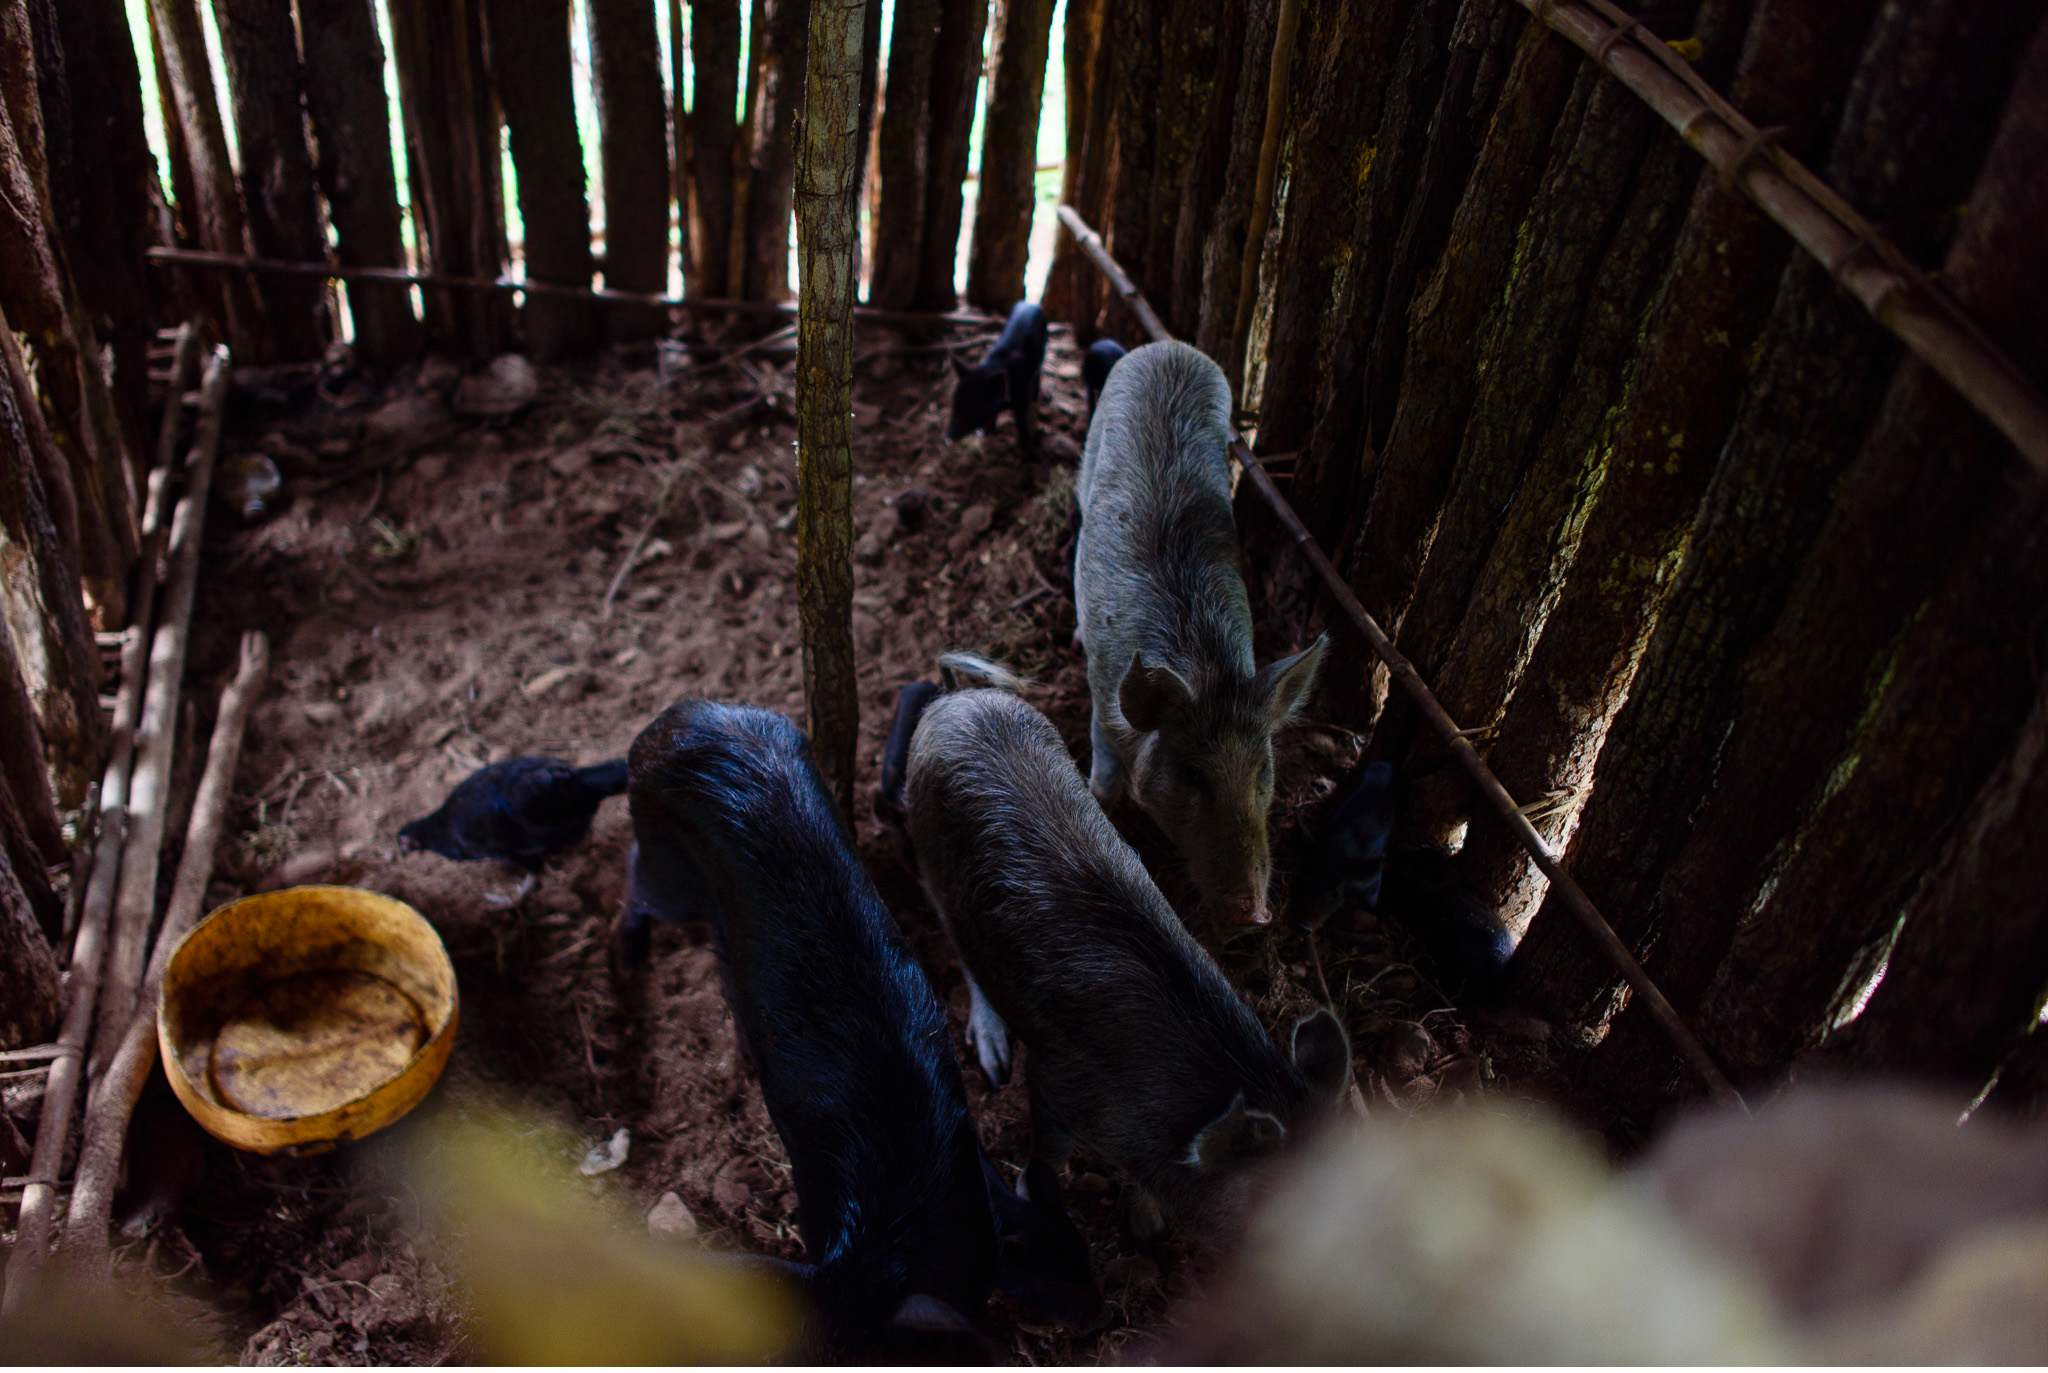 Vom South Luangwa in Zambia an den Malawi See - Marion und Daniel - Geschichten von unterwegs-10